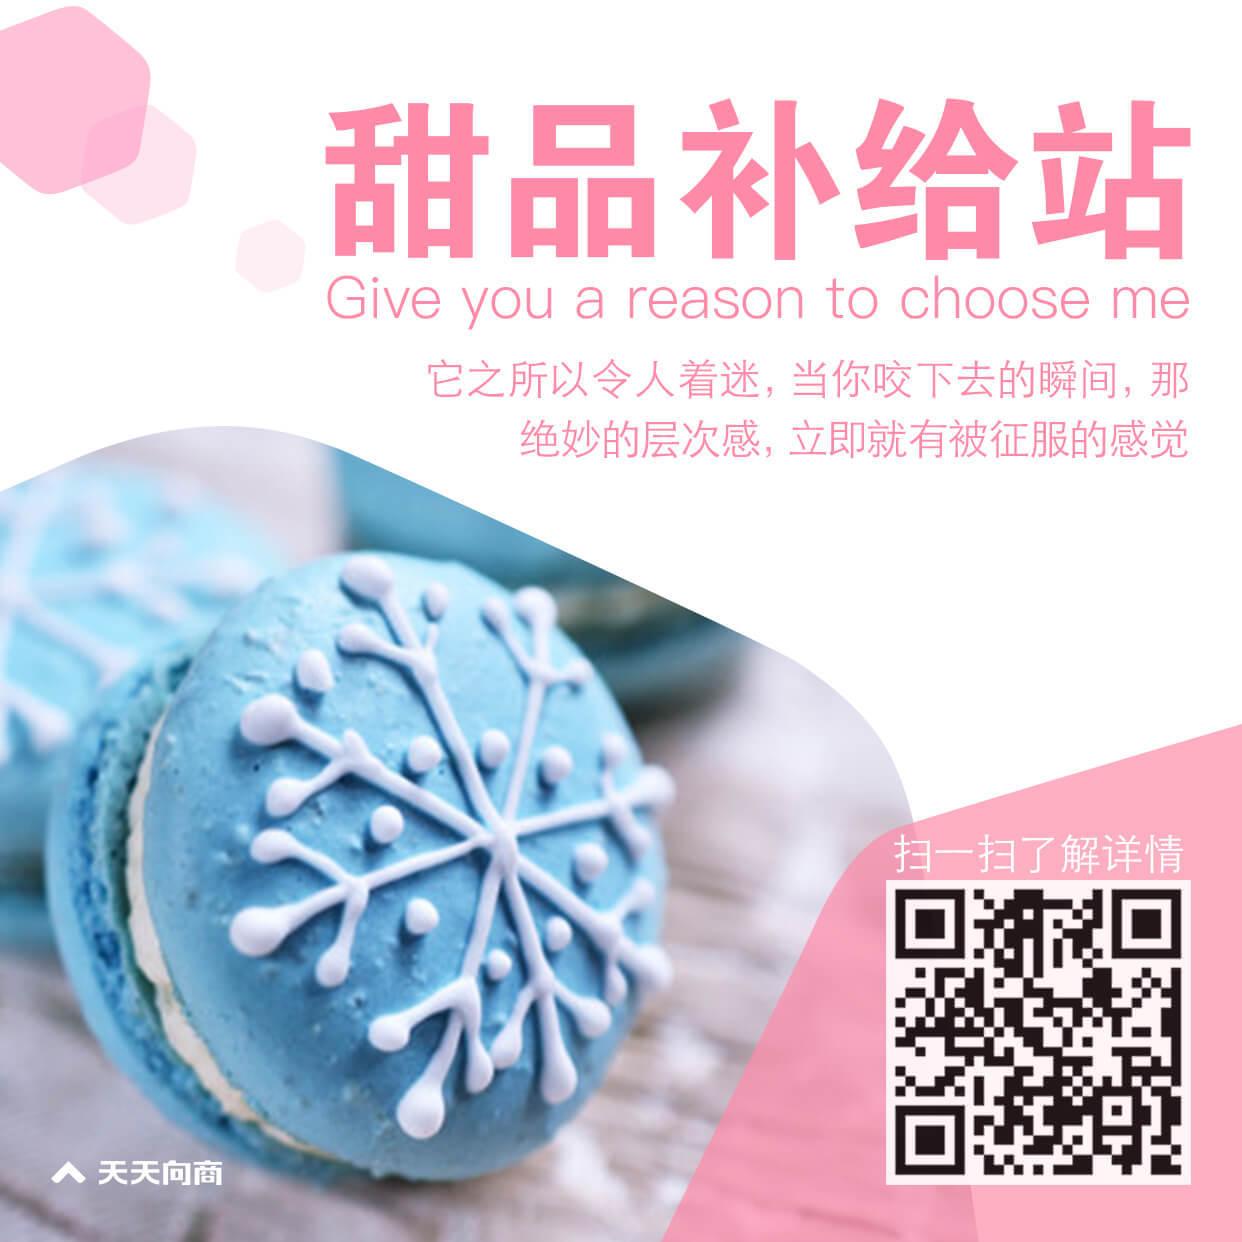 烘焙甜品展示二维码方形海报